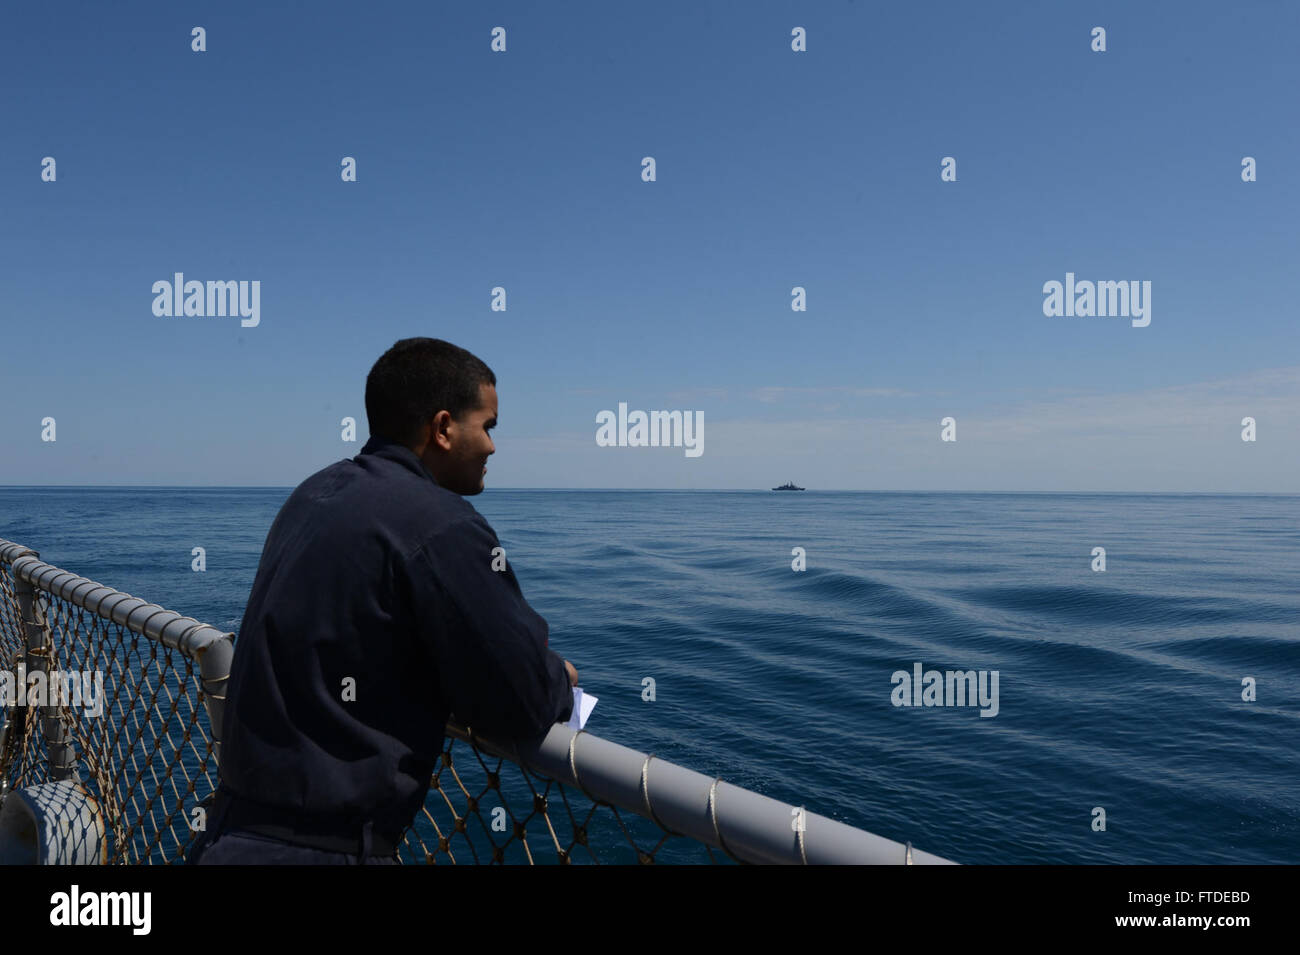 Yildirim Stock Photos & Yildirim Stock Images - Page 3 - Alamy